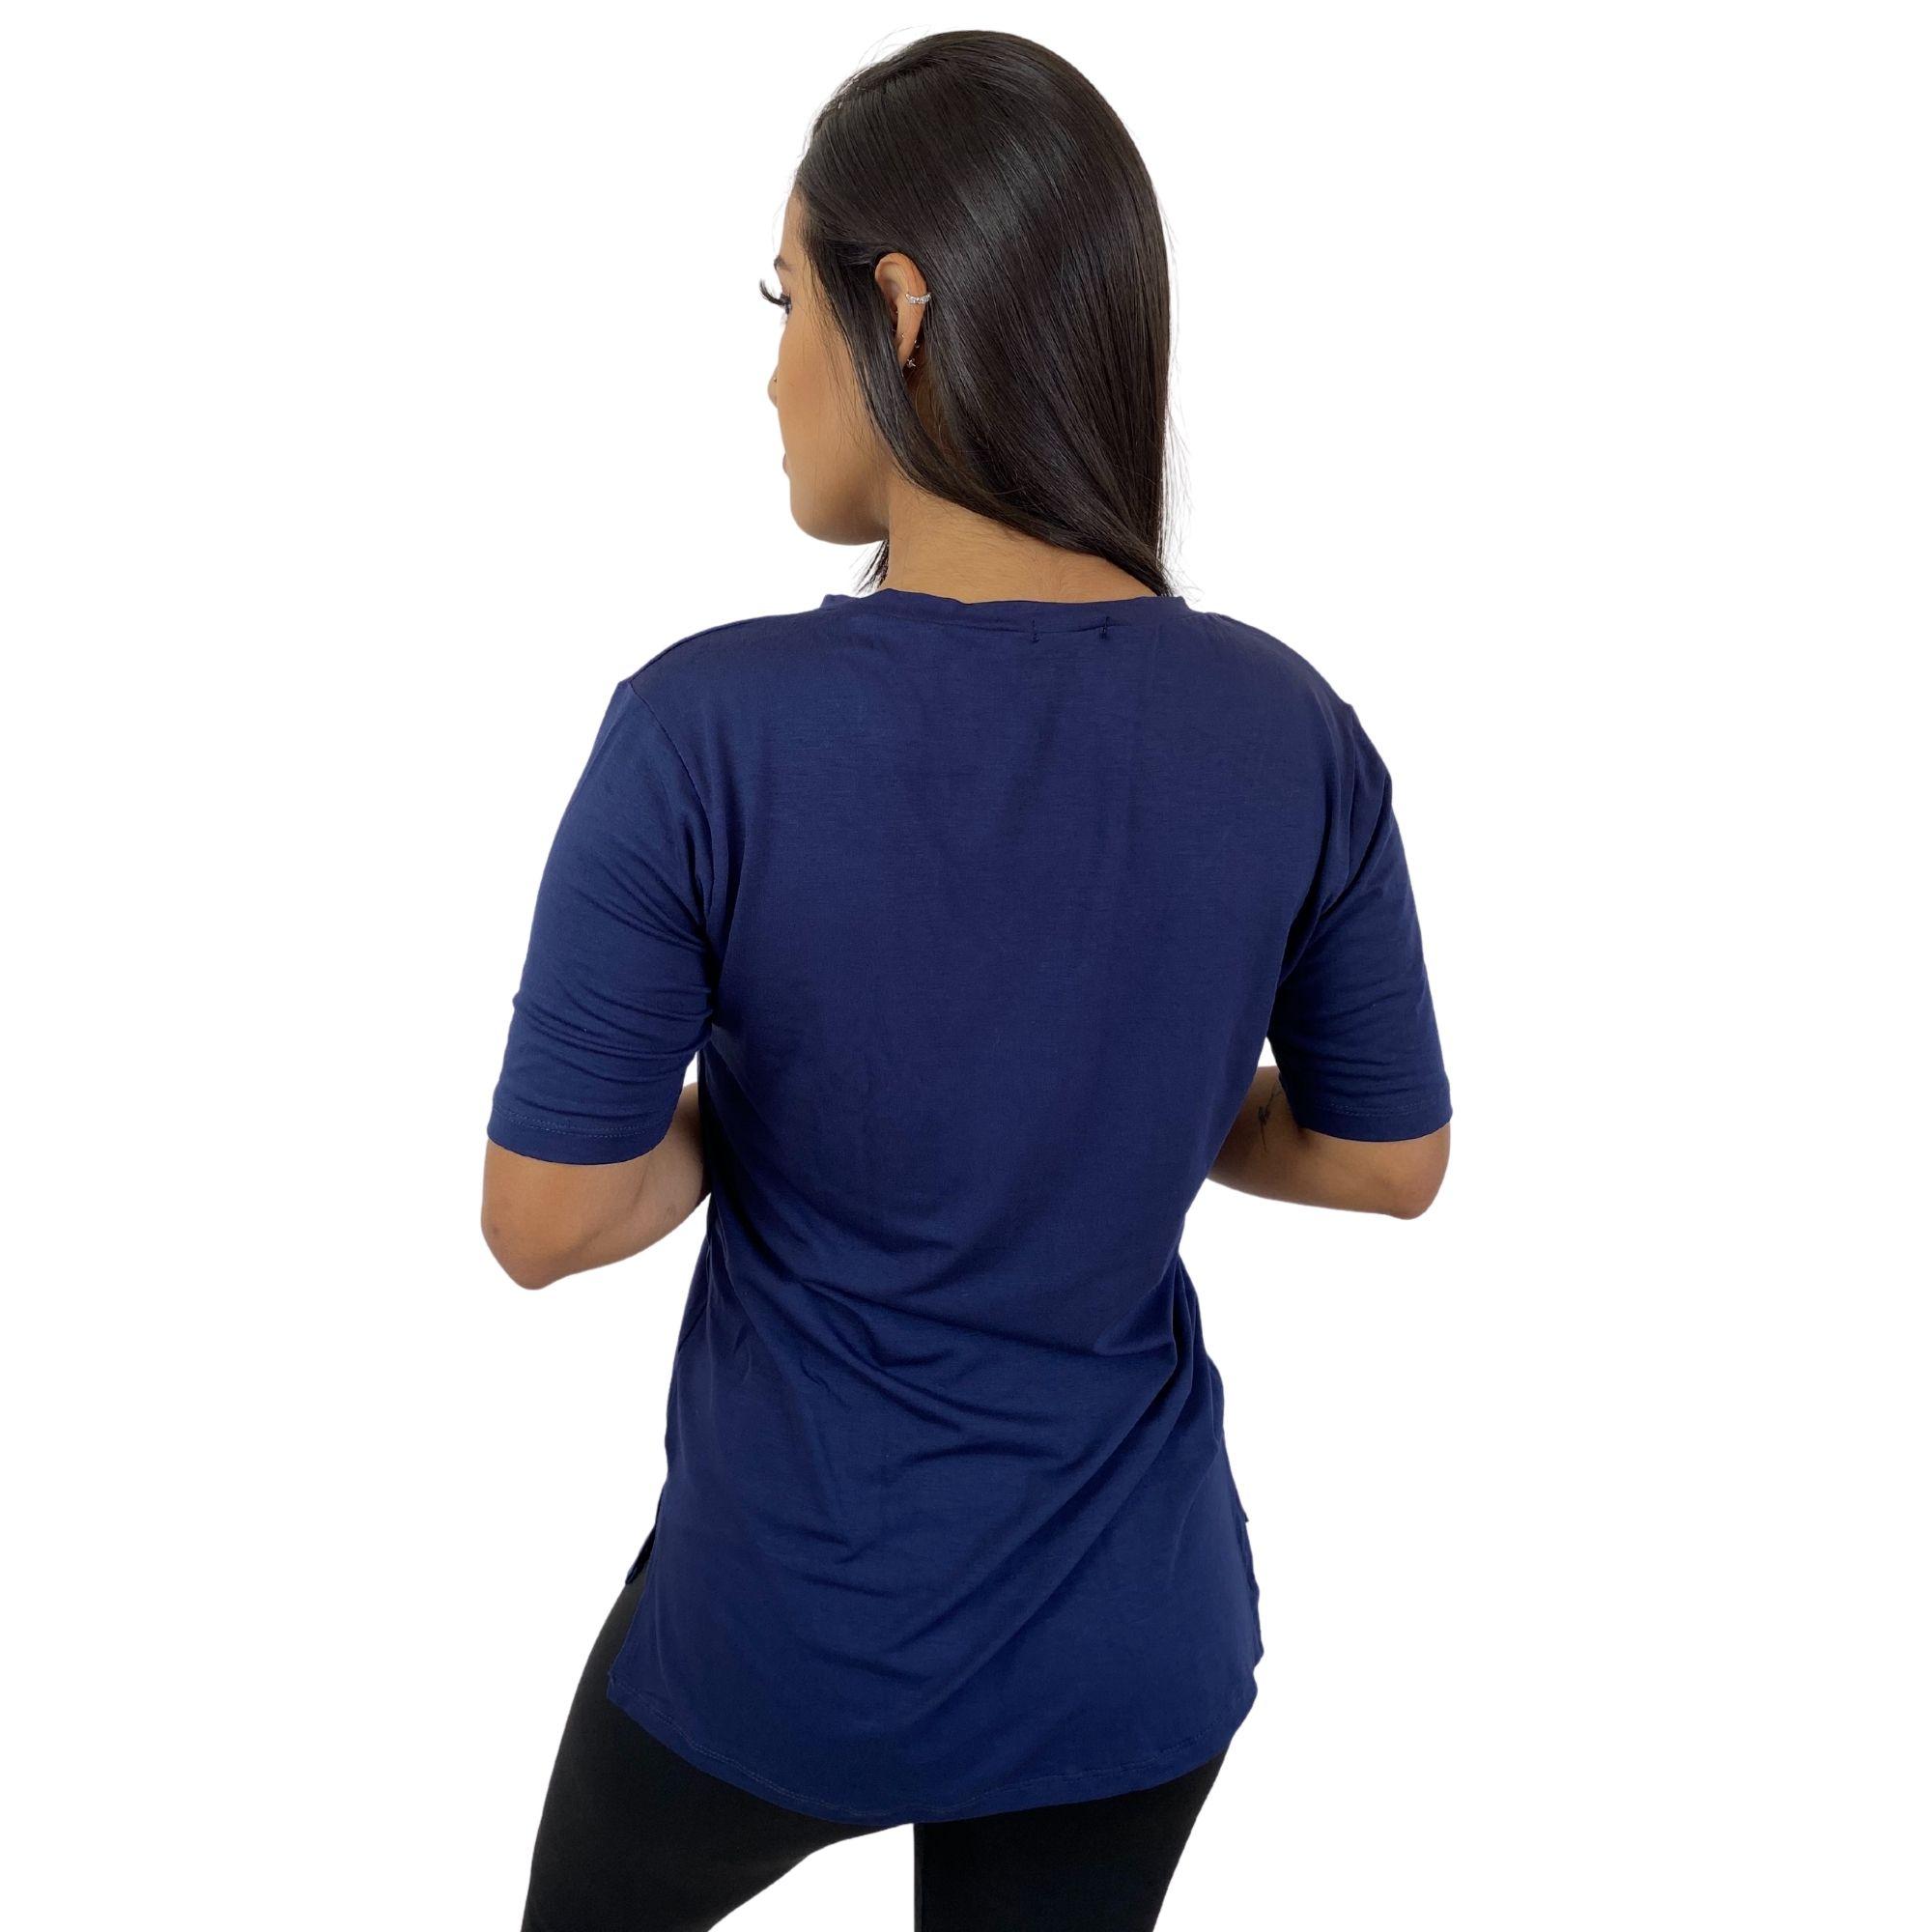 Kit 2 Camiseta Tapa Bumbum Manga Curta